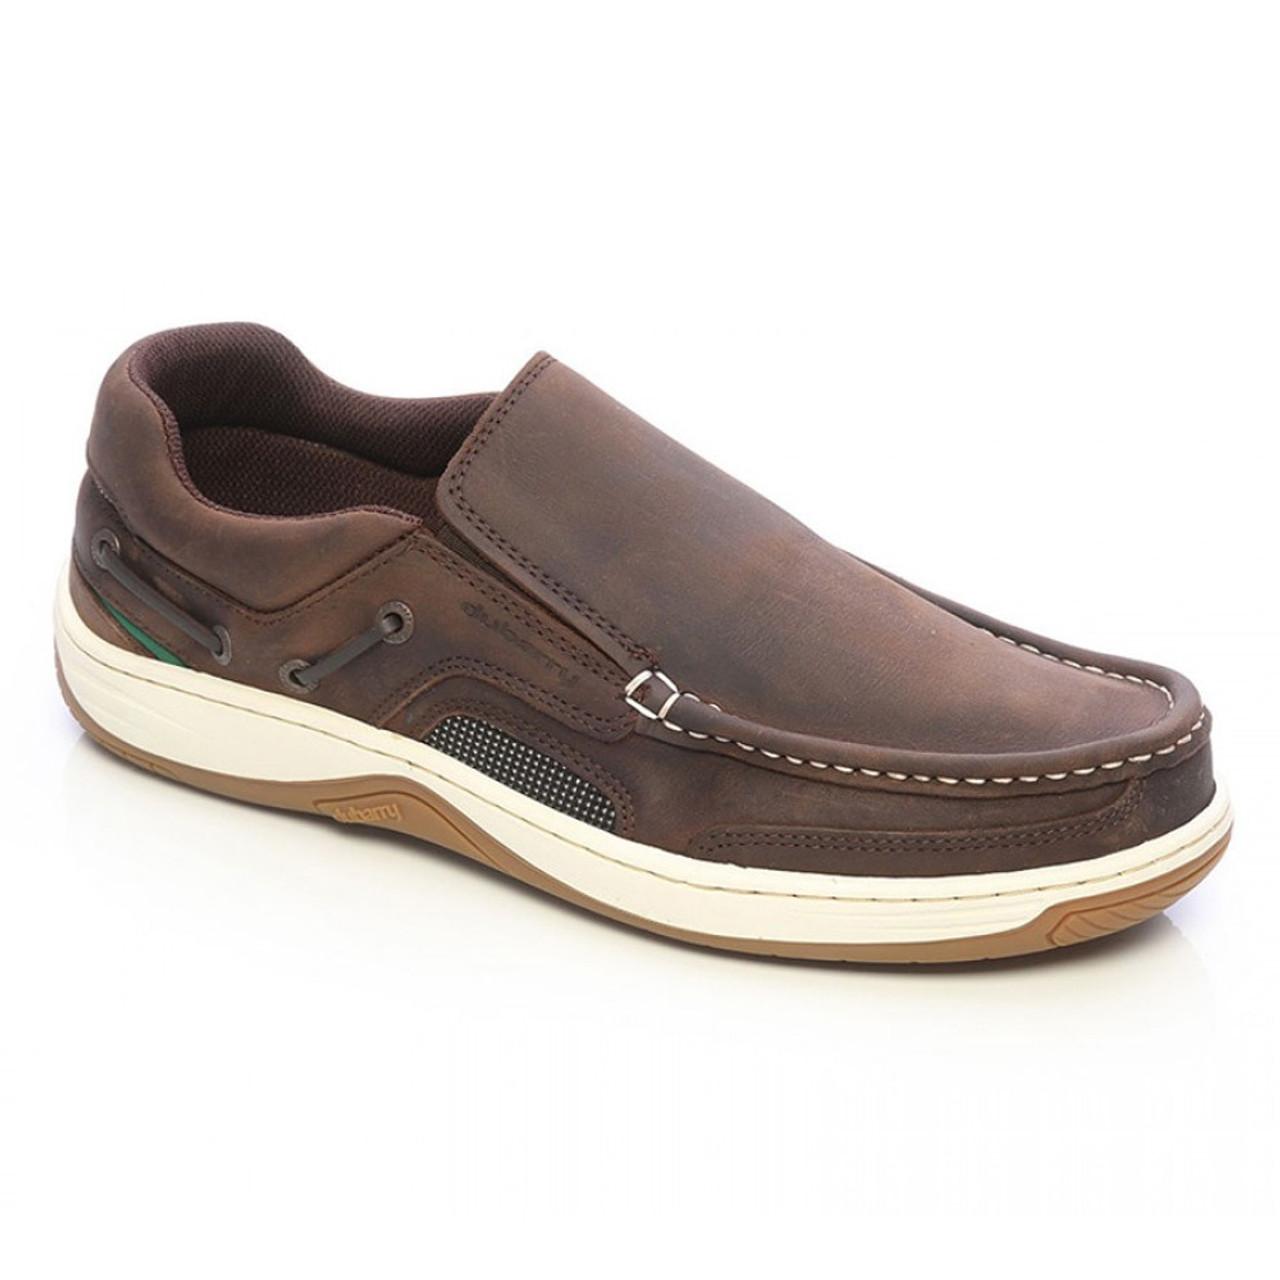 Dubarry Yacht Shoes l Slip on Deck Shoes